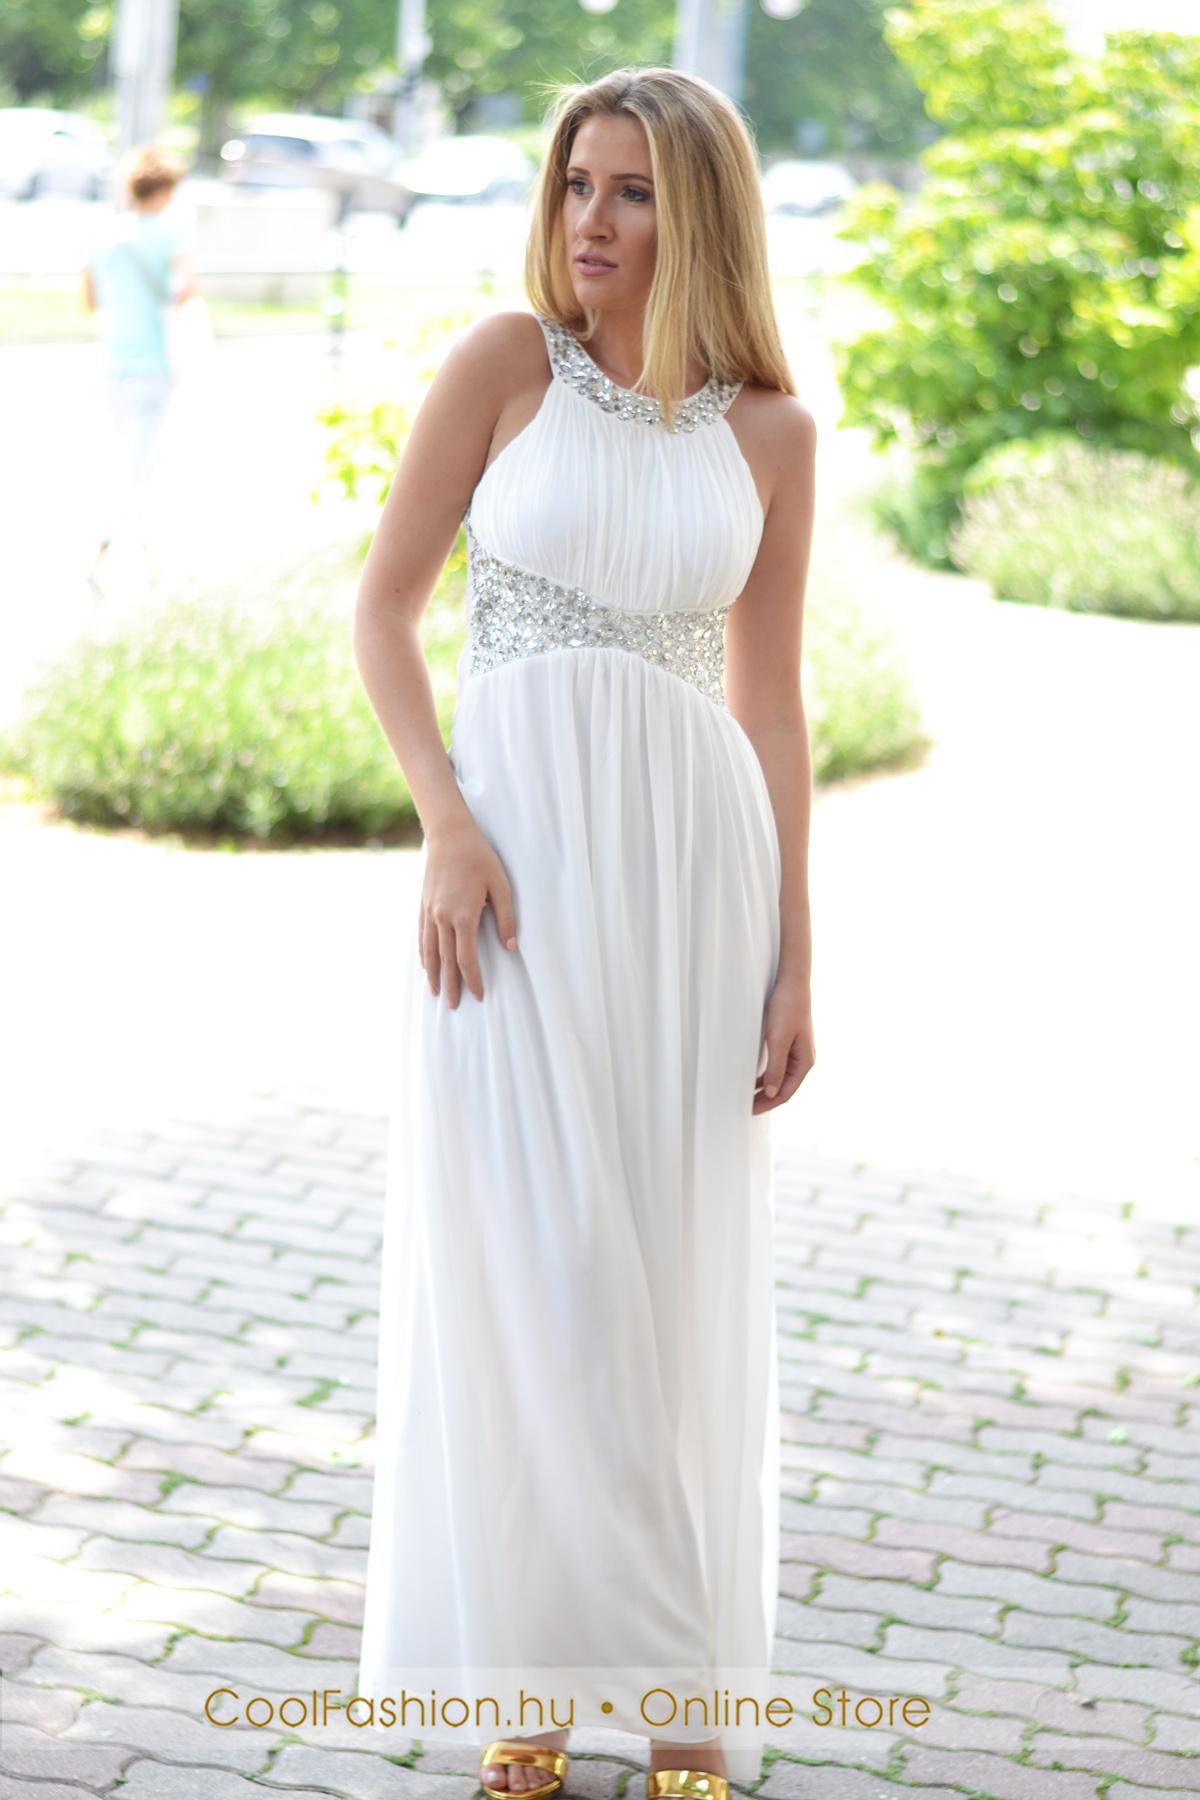 deda5a7d4 Köves fehér görög maxi ruha